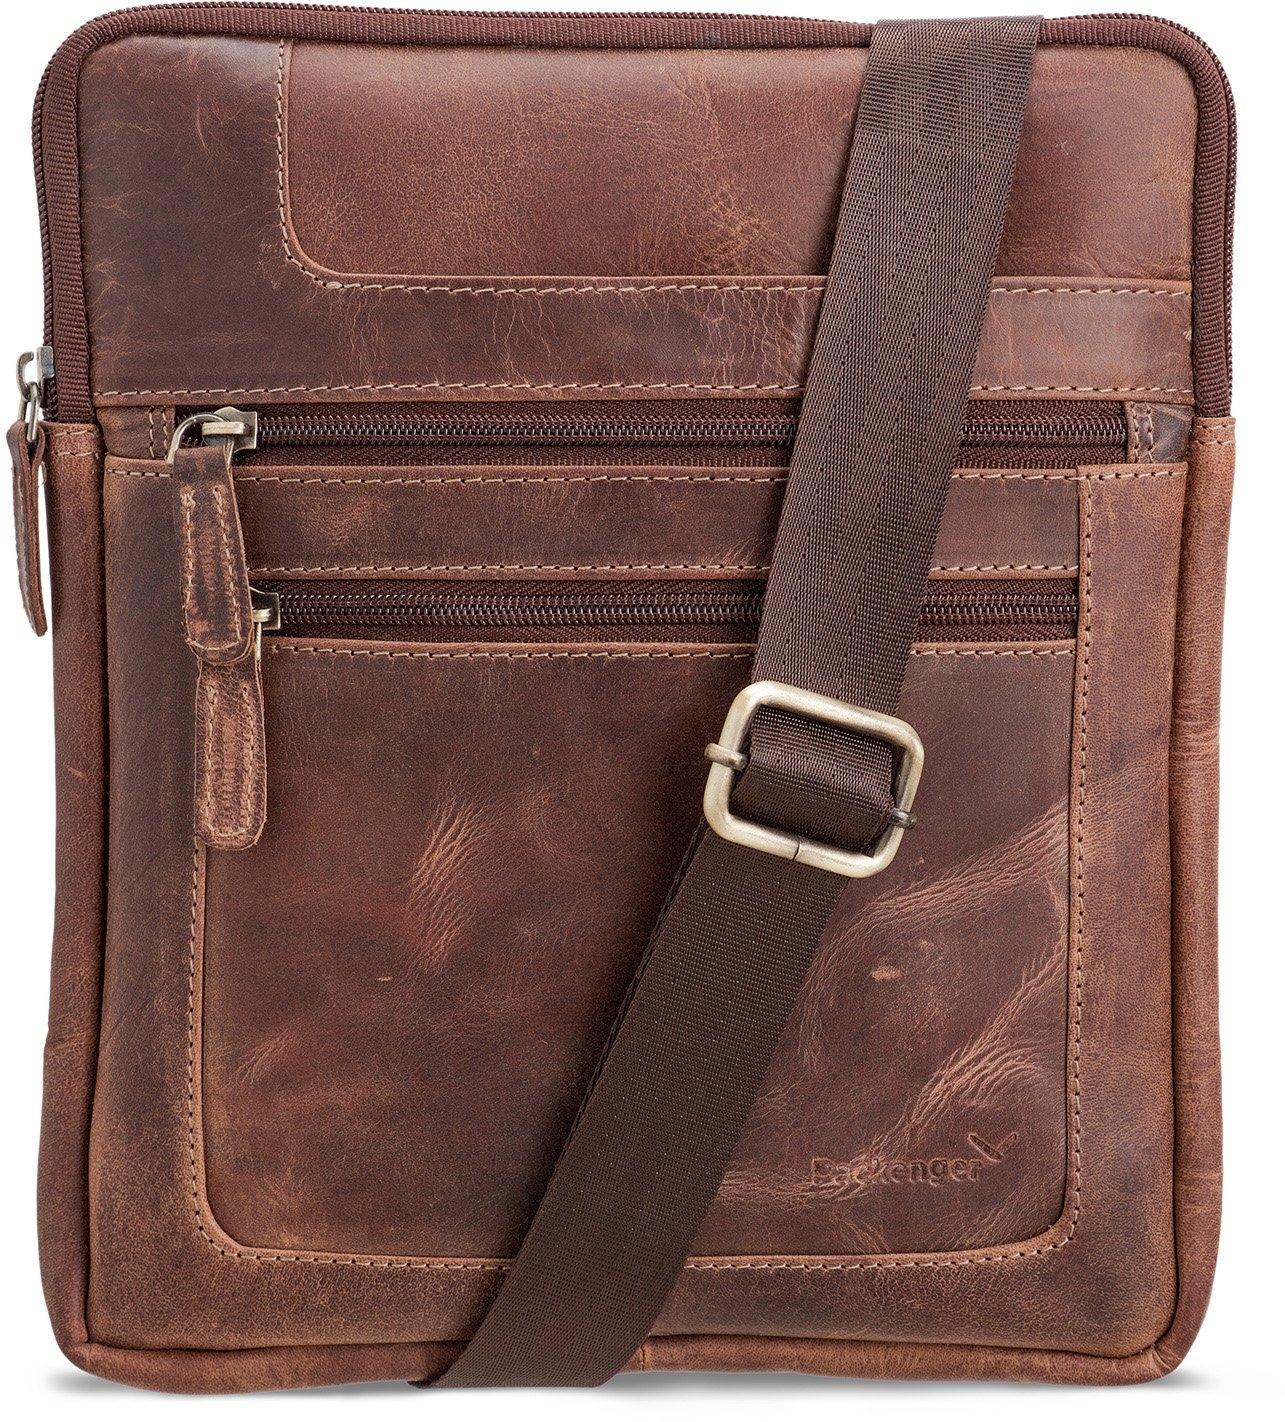 Op zoek naar een Packenger schoudertas met vak voor tablet (10,1 inch), »Thuras, vintage«? Koop online bij OTTO